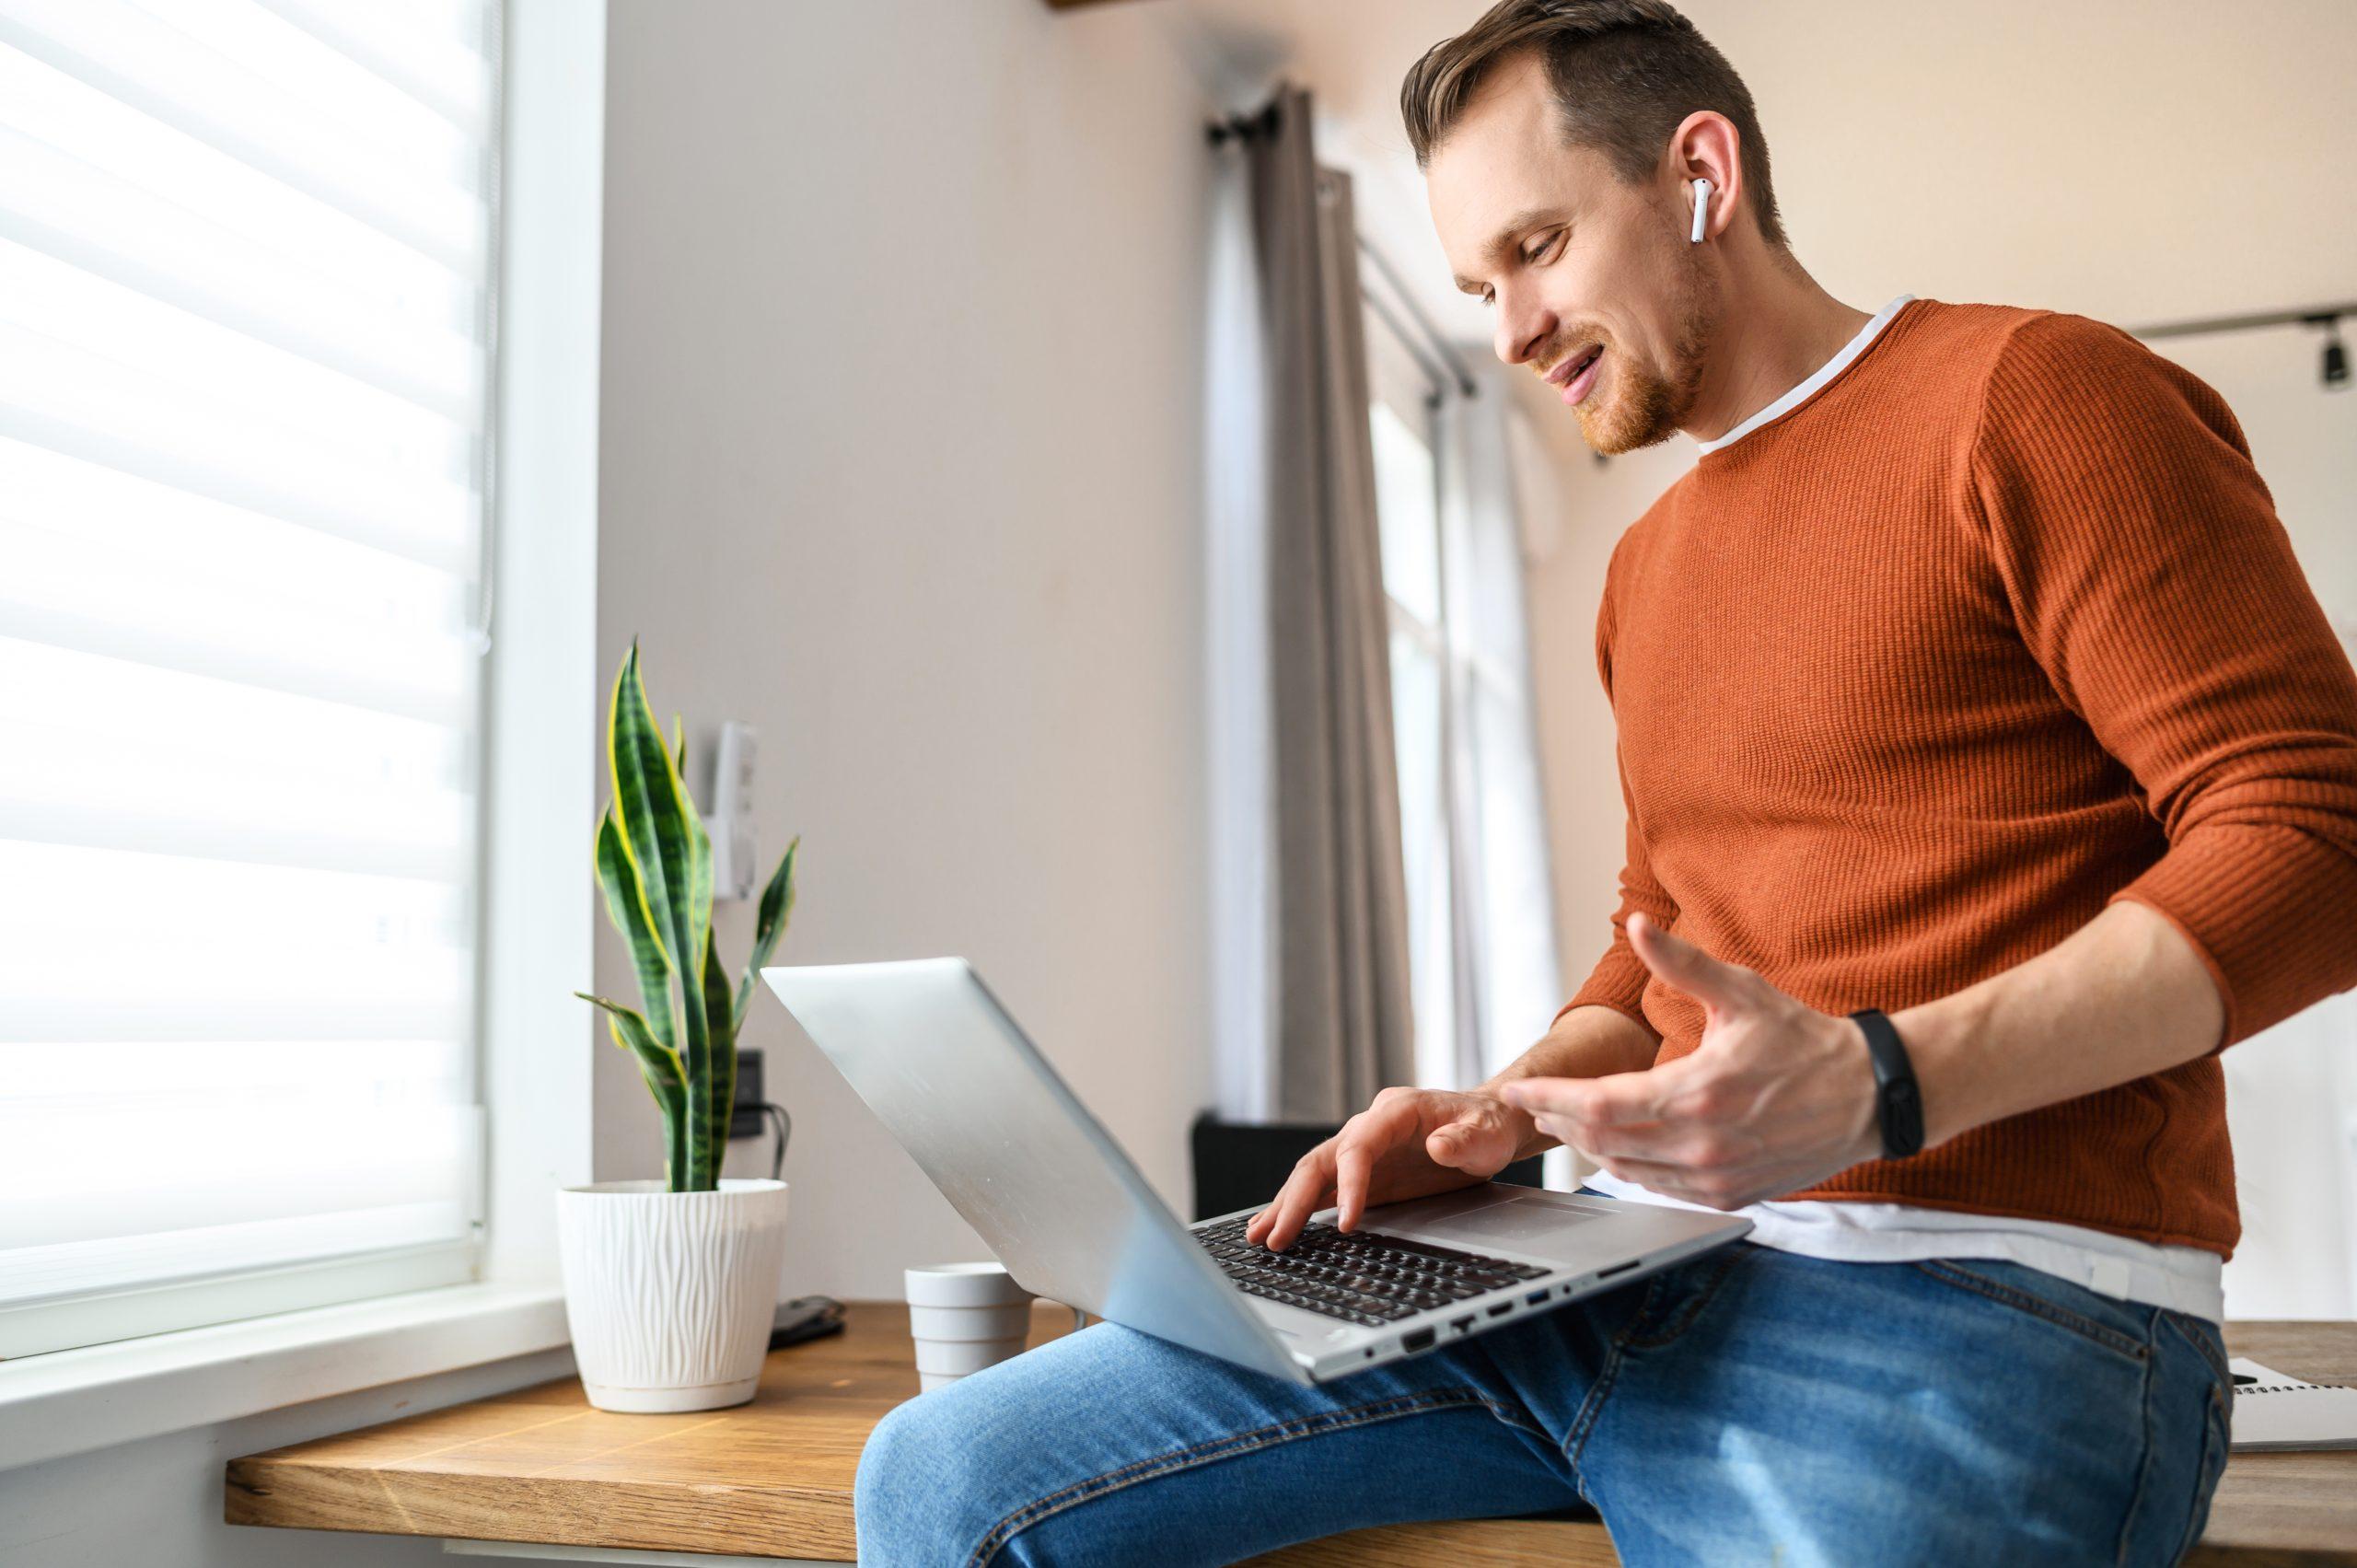 Homme en télétravail équipé d'un mobile et laptop